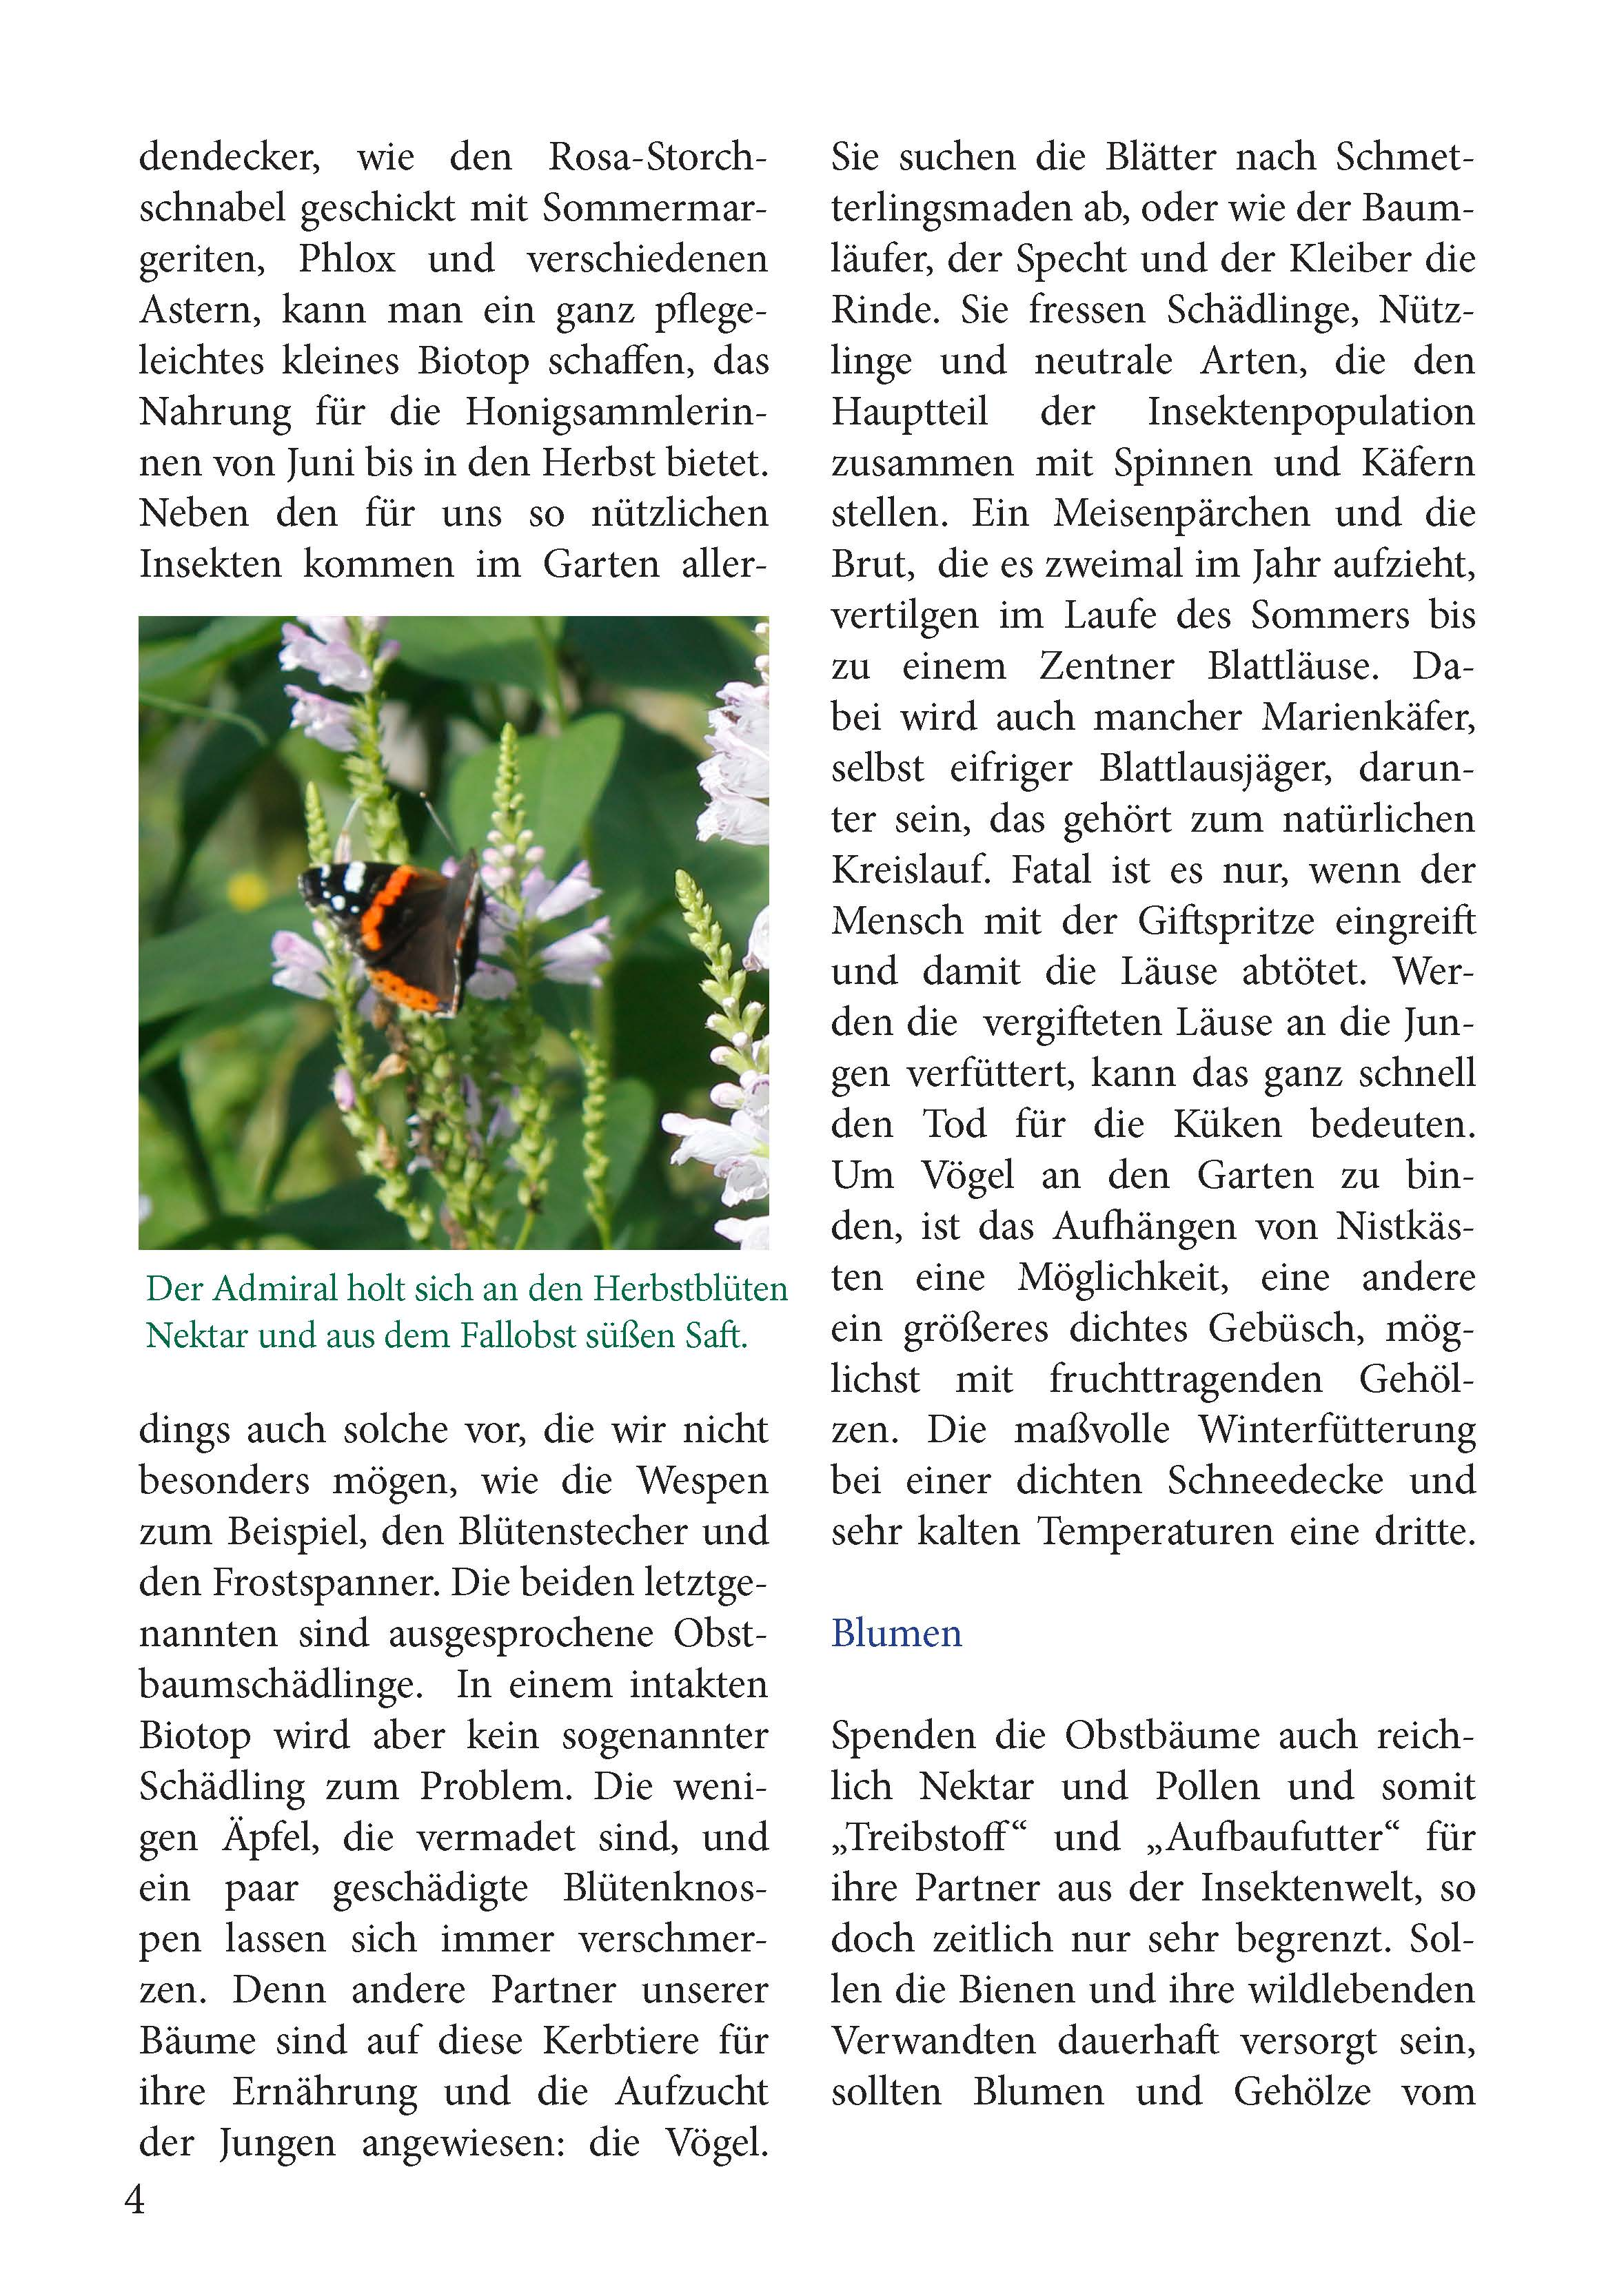 Bienen Partner pressedienst land garten bienen und blumen als partner der obstbäume